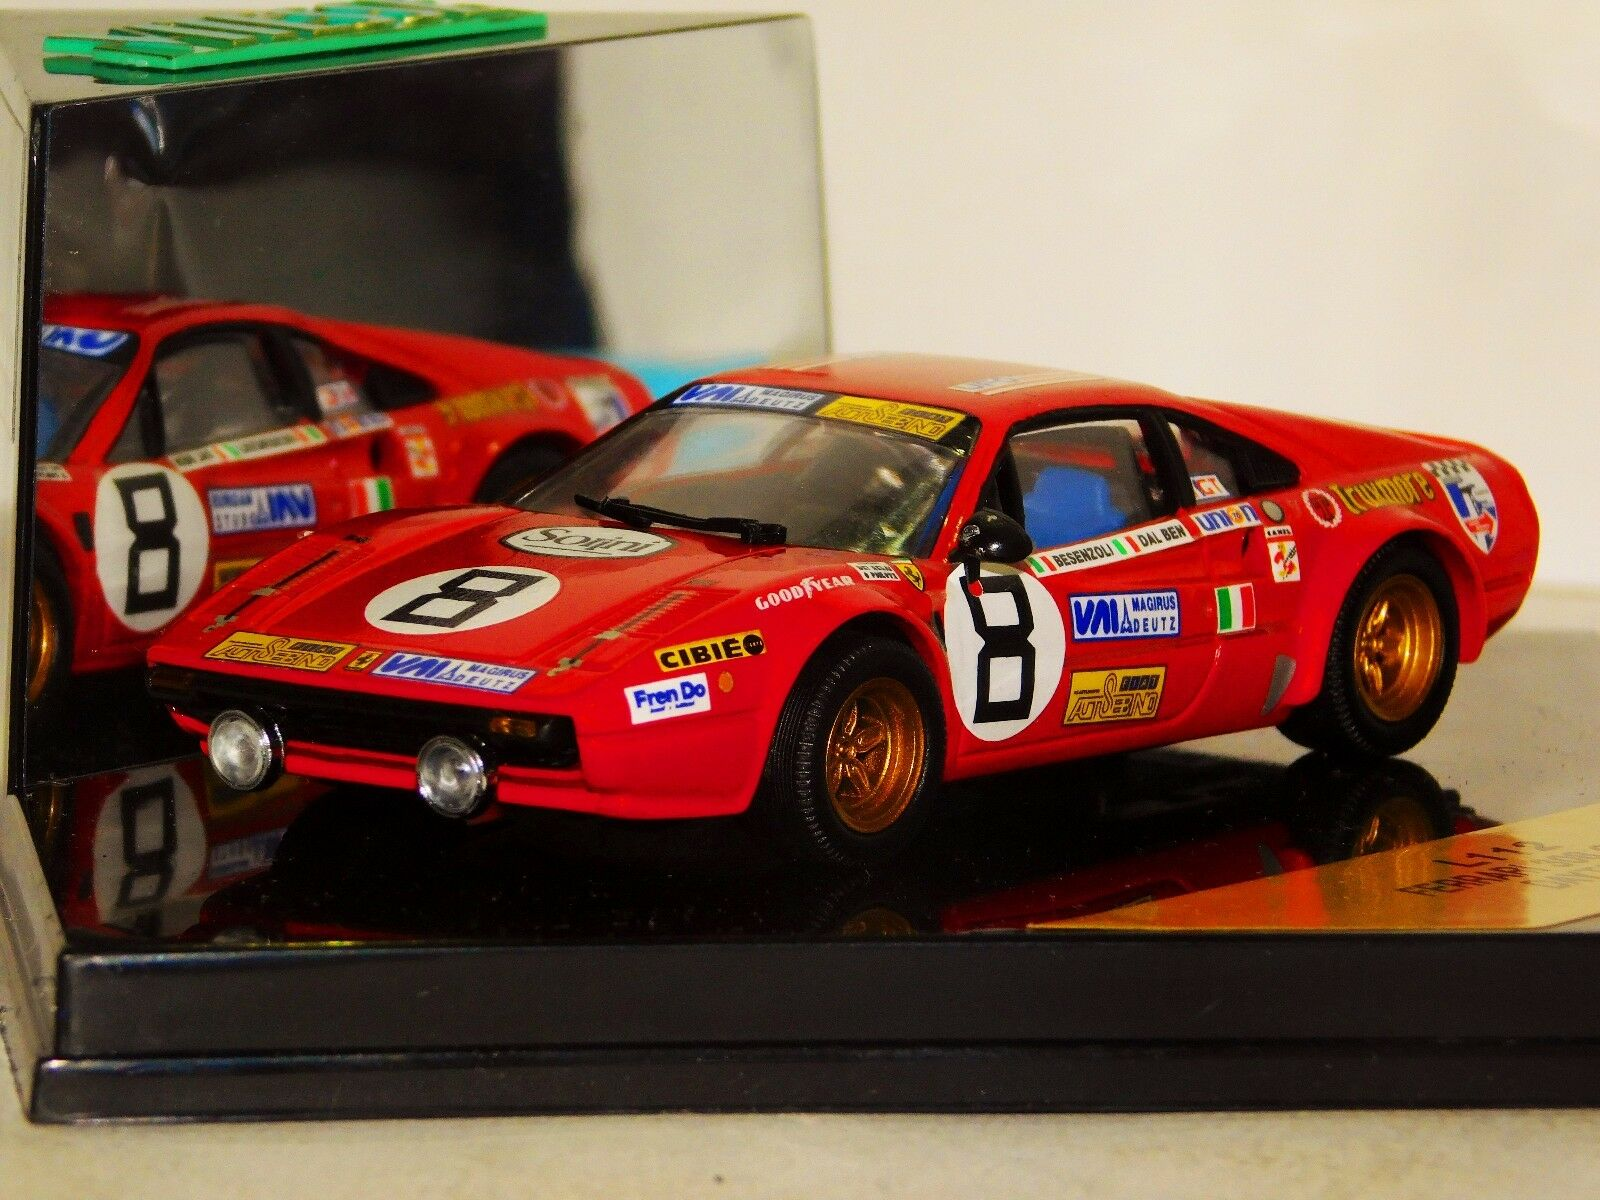 FERRARI 308 GTB BESENZOLI DAYTONA 1978 VITESSE L112 1 43